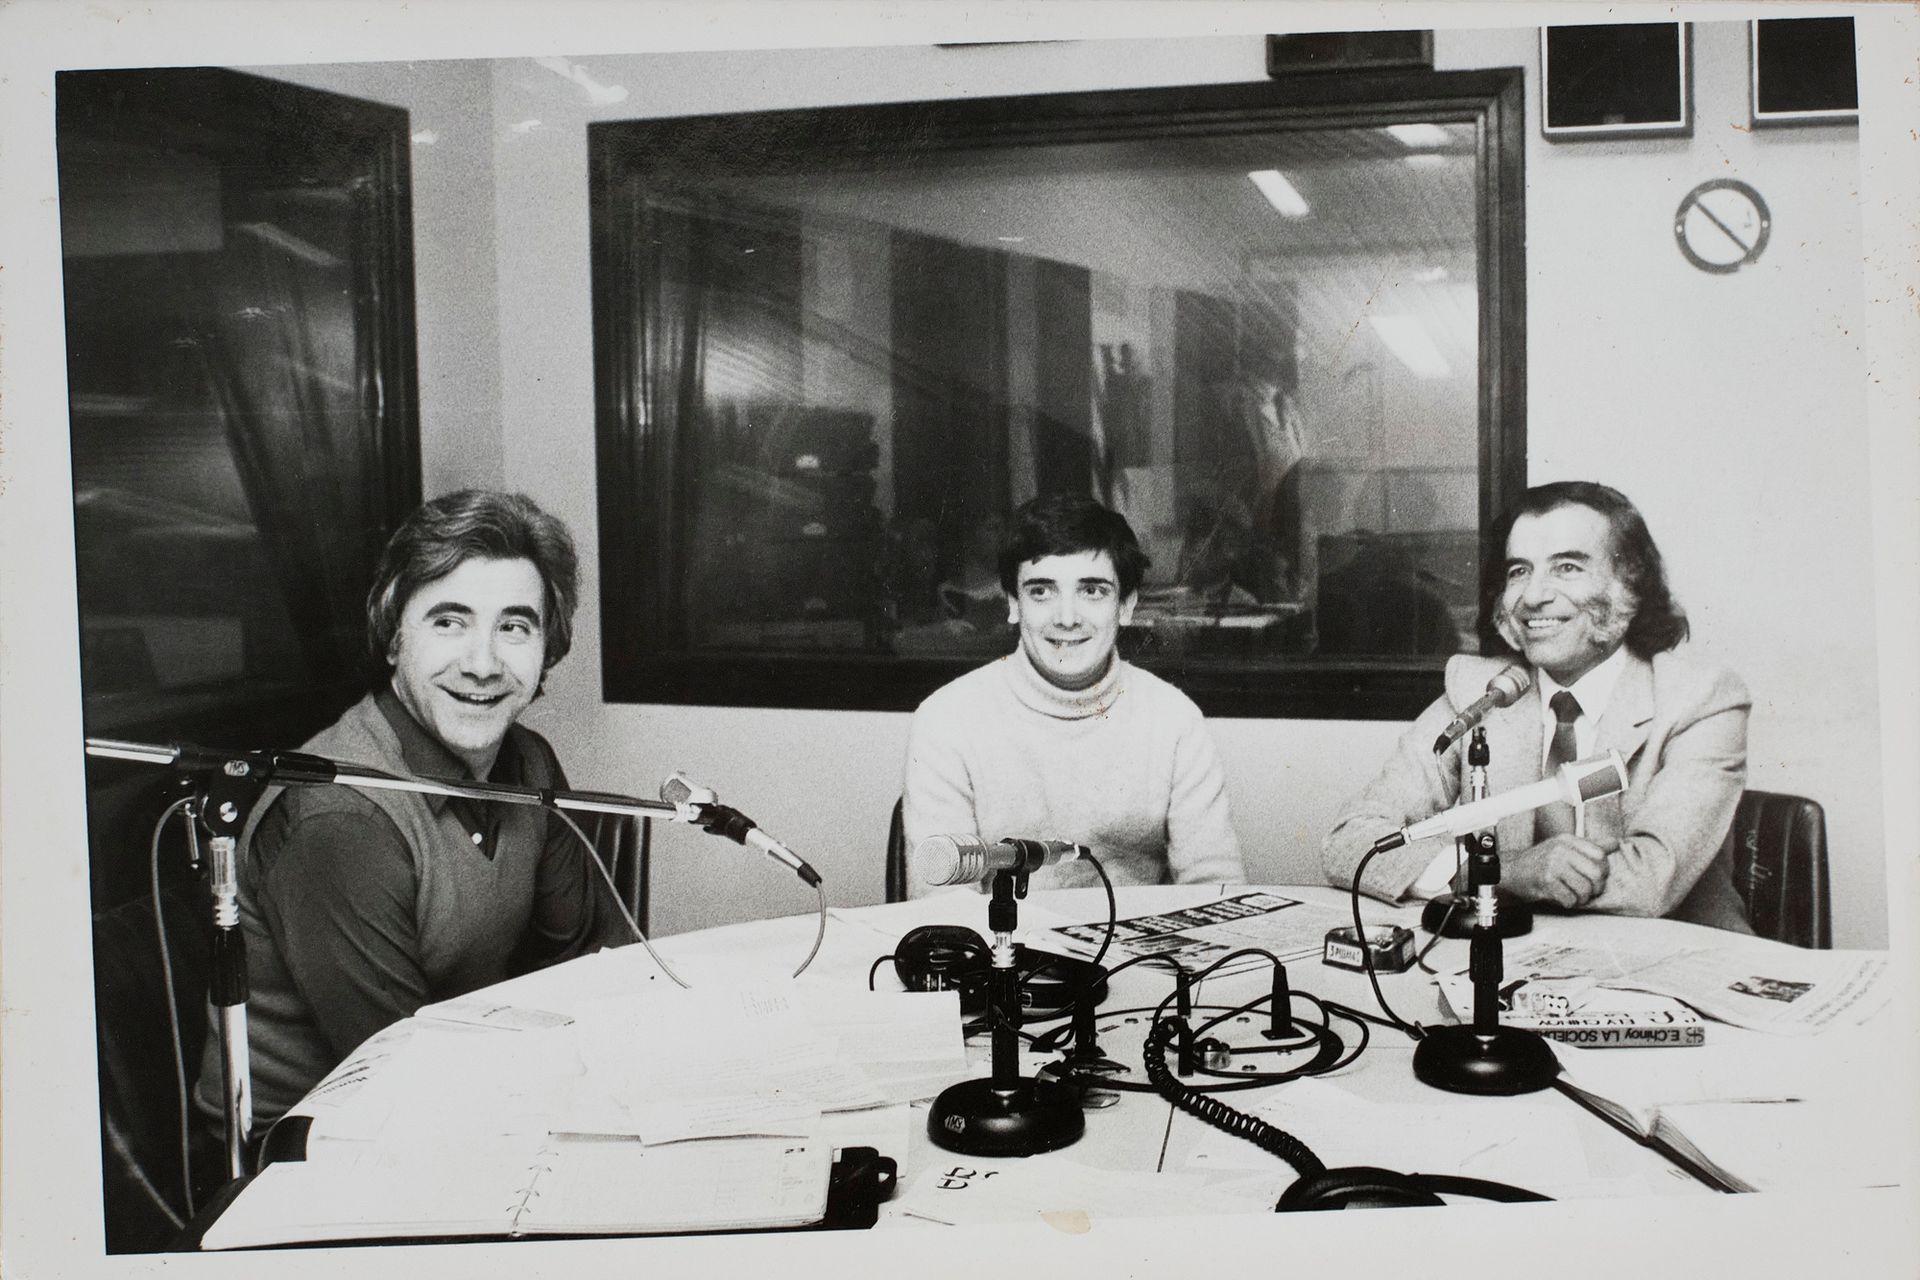 Juan Alberto Mateyko, Nito Artaza y Carlos Menem.